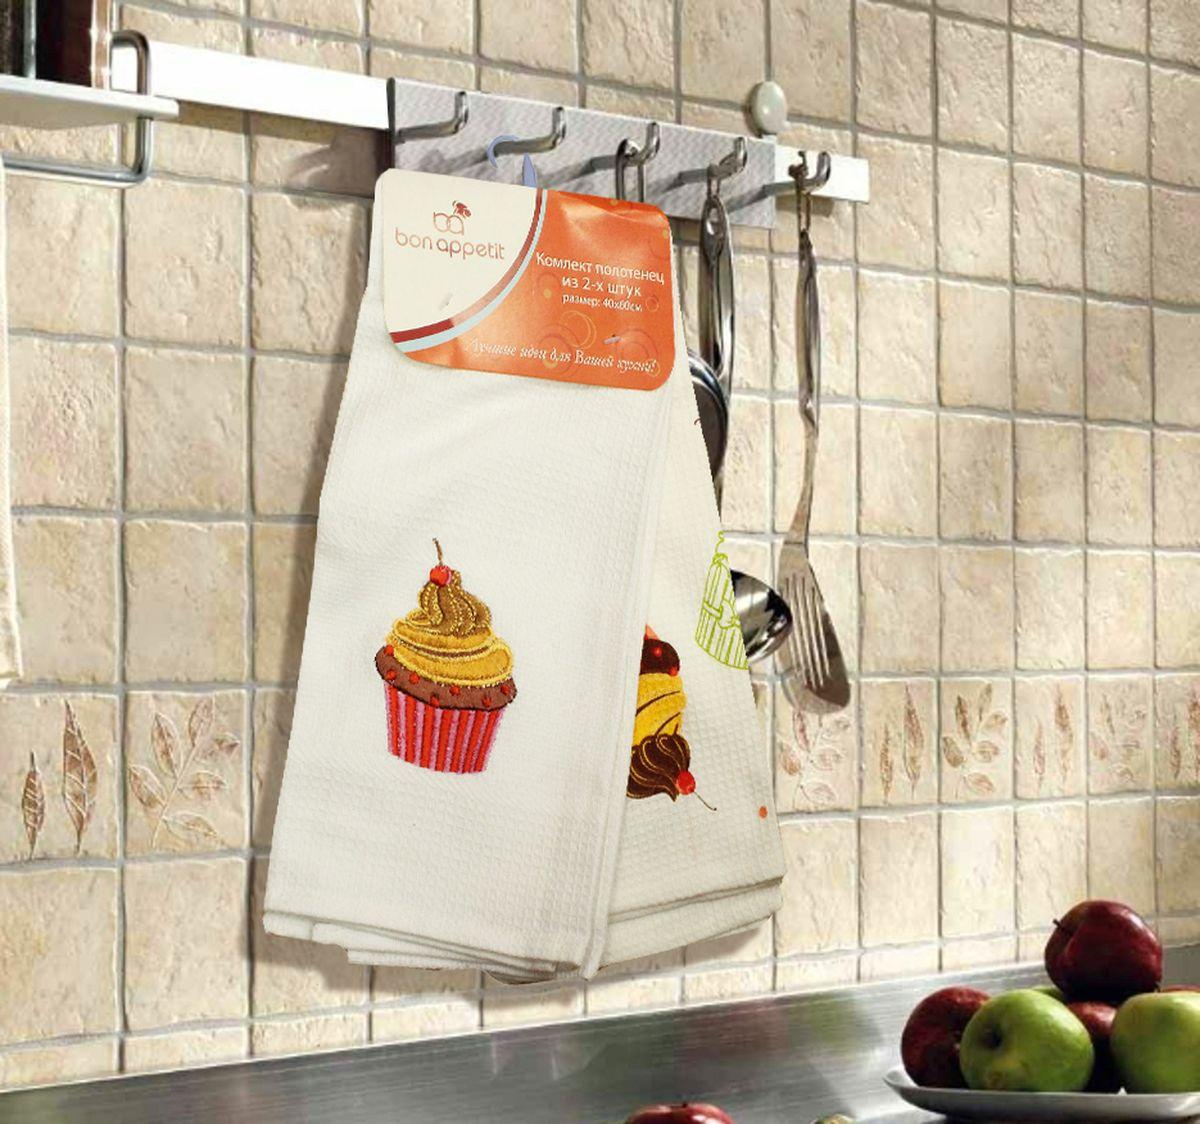 Набор кухонных полотенец Bon Appetit Cake, цвет: белый, 2 шт1004900000360Кухонные Полотенца Bon Appetit - В помощь хозяйке на кухне!!! Кухонные Полотенца Bon Appetit идеально дополнят интерьер вашей кухни и создадут атмосферу уюта и комфорта. Полотенца выполнены из натурального 100% Хлопка, поэтому являются экологически чистыми. Качество материала гарантирует безопасность не только взрослых, но и самых маленьких членов семьи.Bon Appetit – Интерьер и Практичность Современной Кухни!